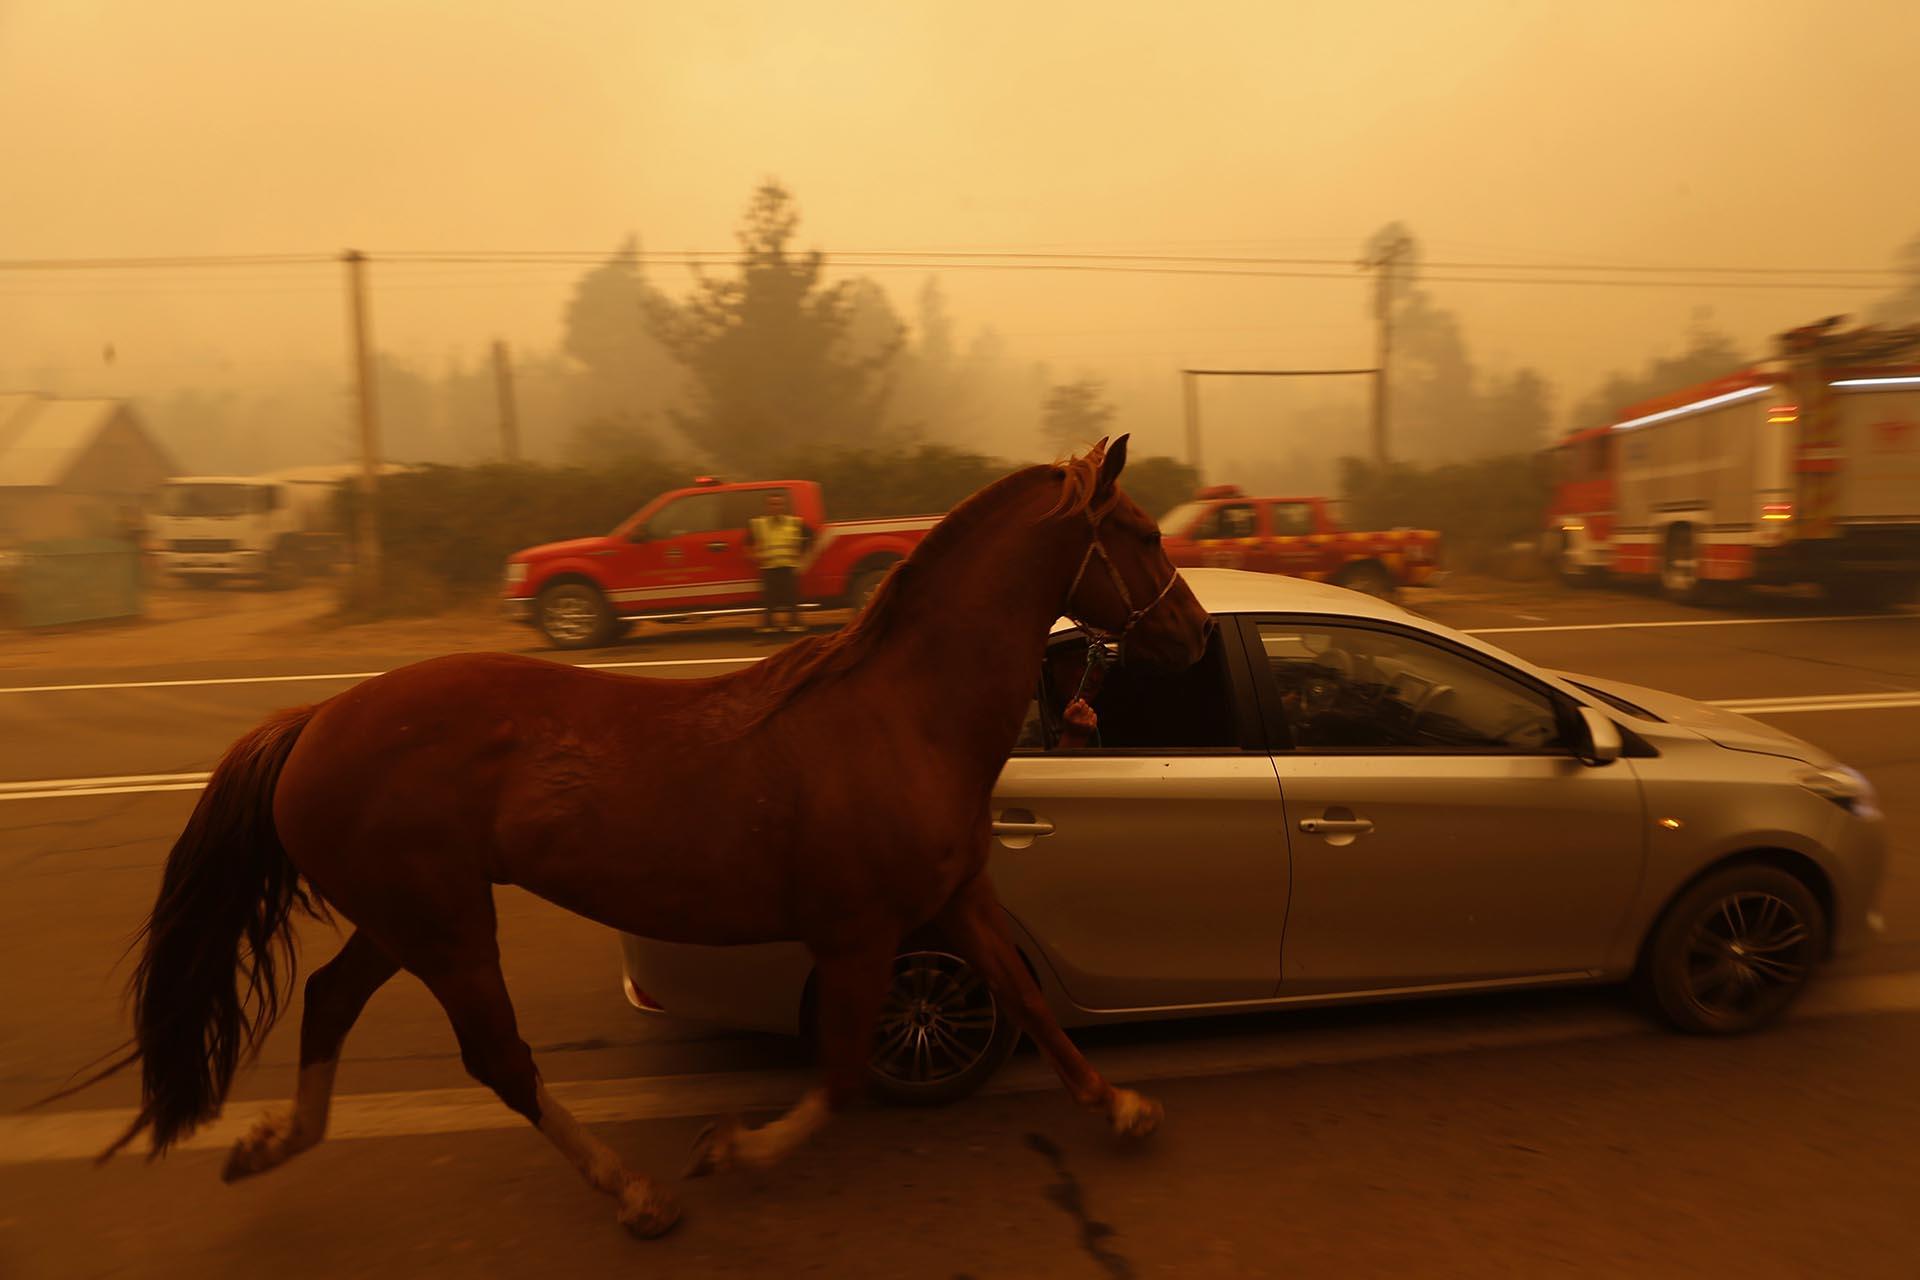 Aún hay 53 incendios activos, 48 fueron controlados y 2 extinguidos, según el último reporte de la Corporación Nacional Forestal (Conaf)